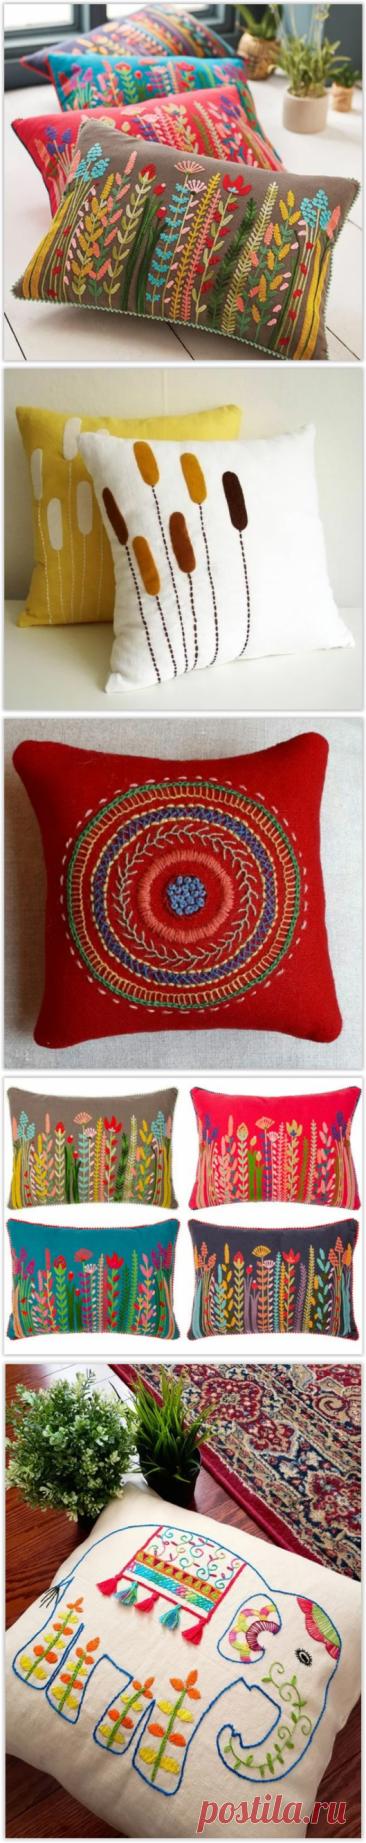 Уютные, вышитые стежковой вышивкой диванные подушки - стежковая вышивка своими руками!